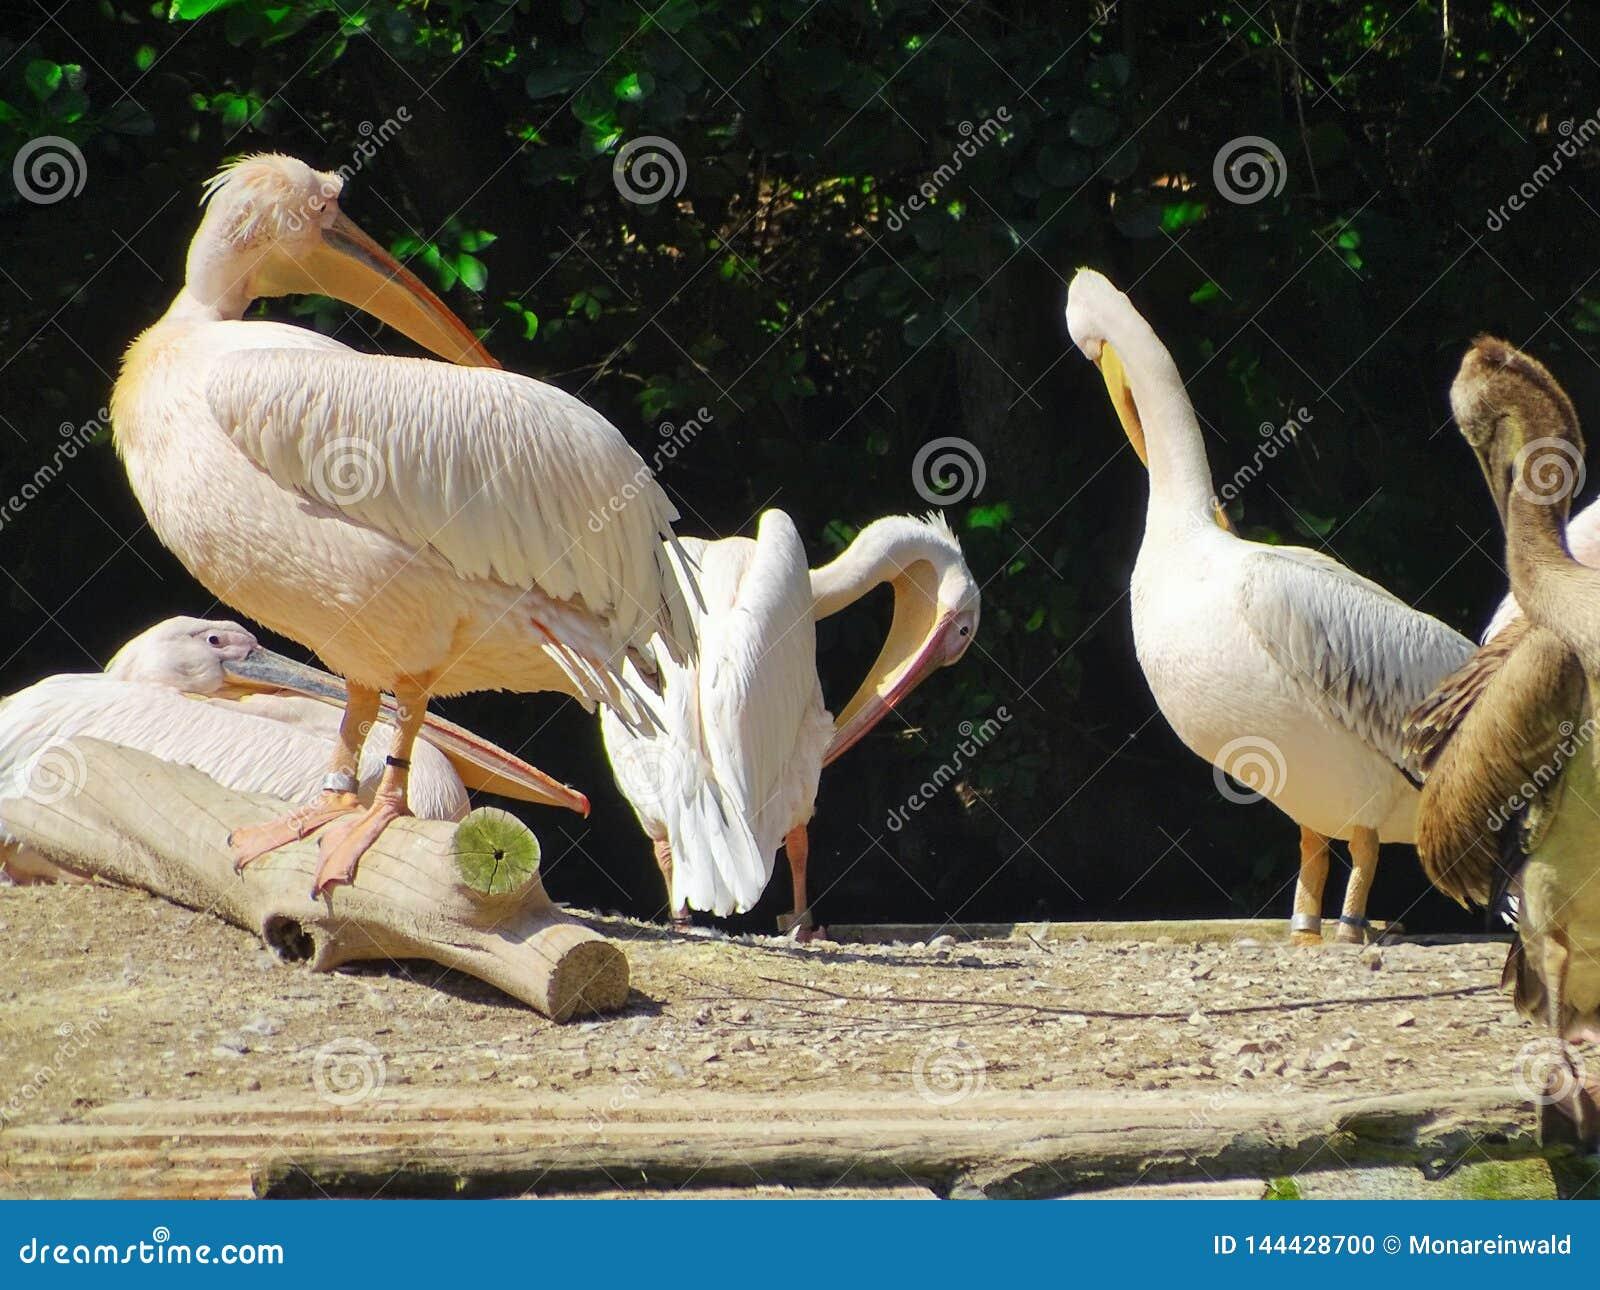 Διάταξη θέσεων πελεκάνων στο ζωολογικό κήπο της Νυρεμβέργης στη Γερμανία